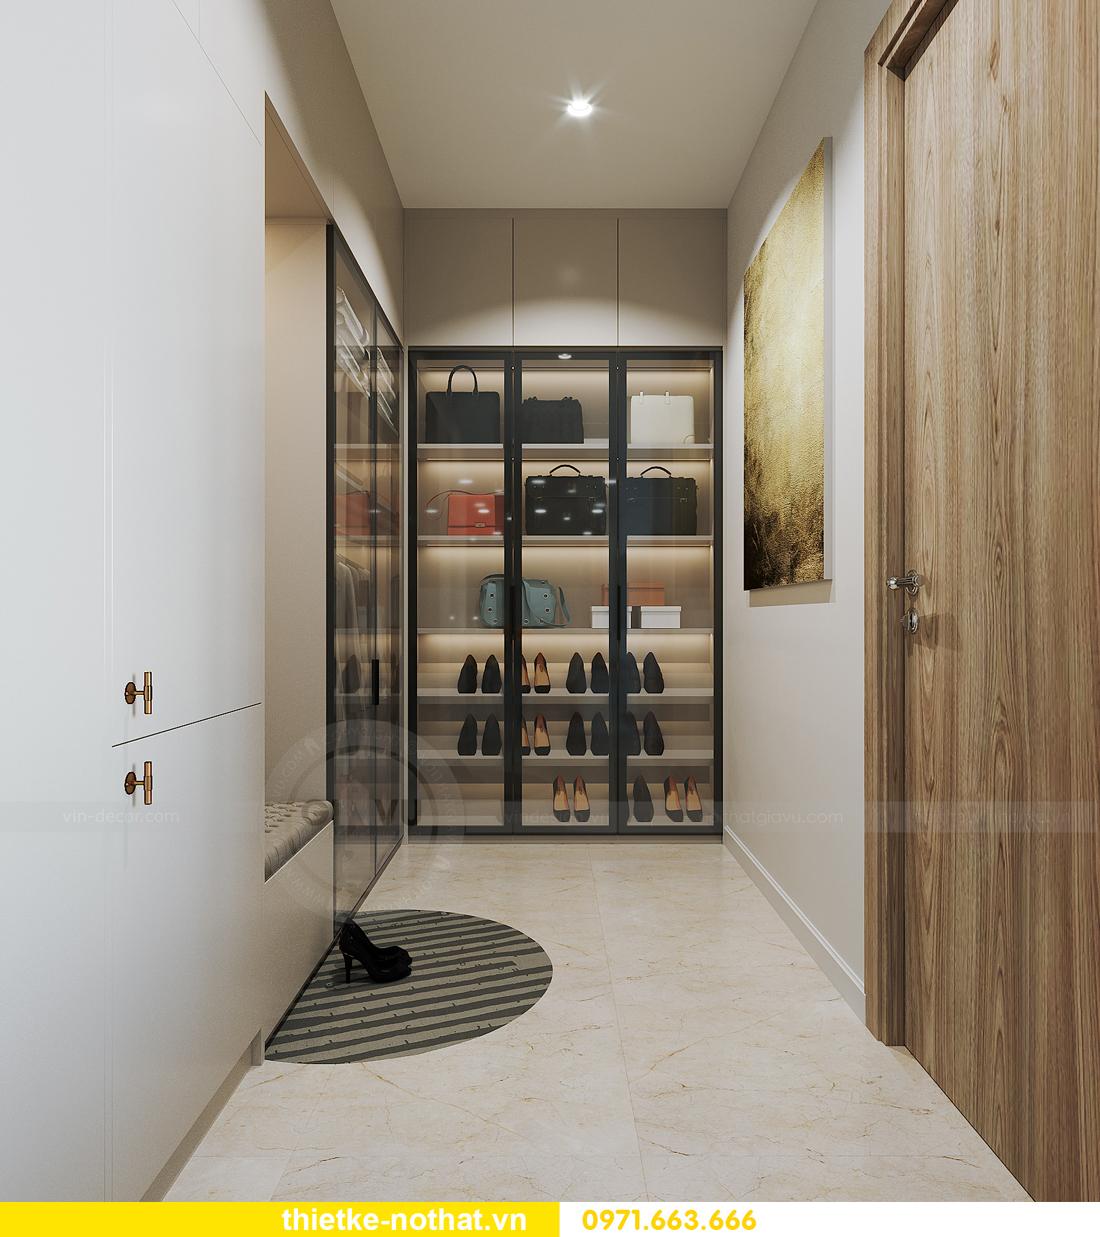 thiết kế nội thất chung cư Vinhomes Smart City tòa S201 căn 2903 6